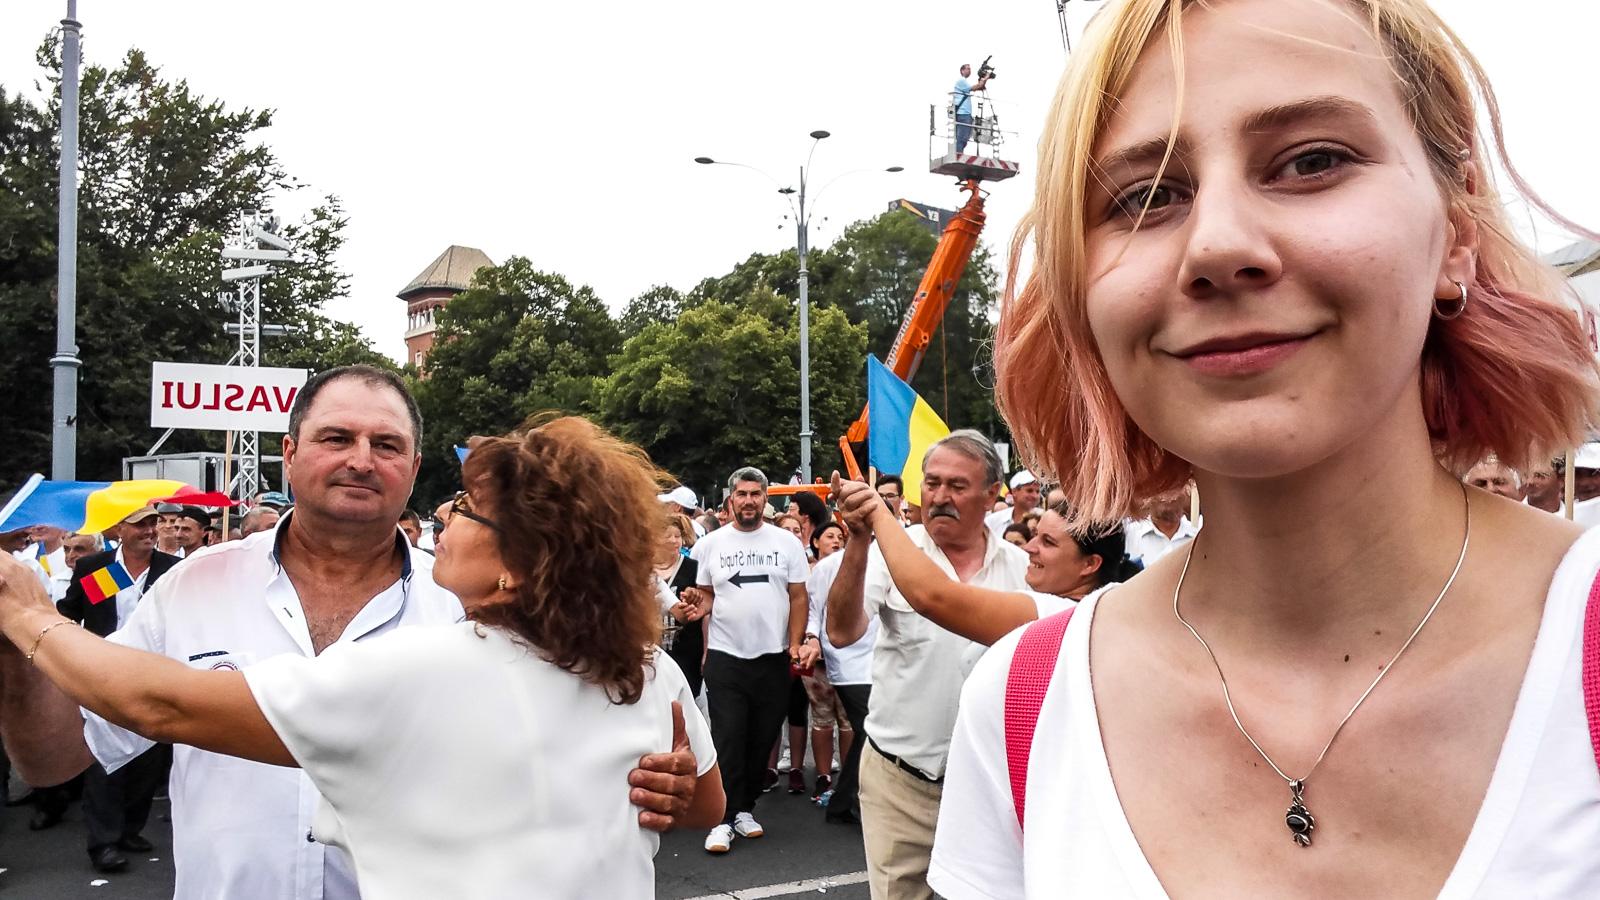 Dragnea - Cine va pierde de pe urma mitingului PSD-ALDE - Pagina 2 1528640649156-Miting-PSD-oamenii-din-Vaslui-16